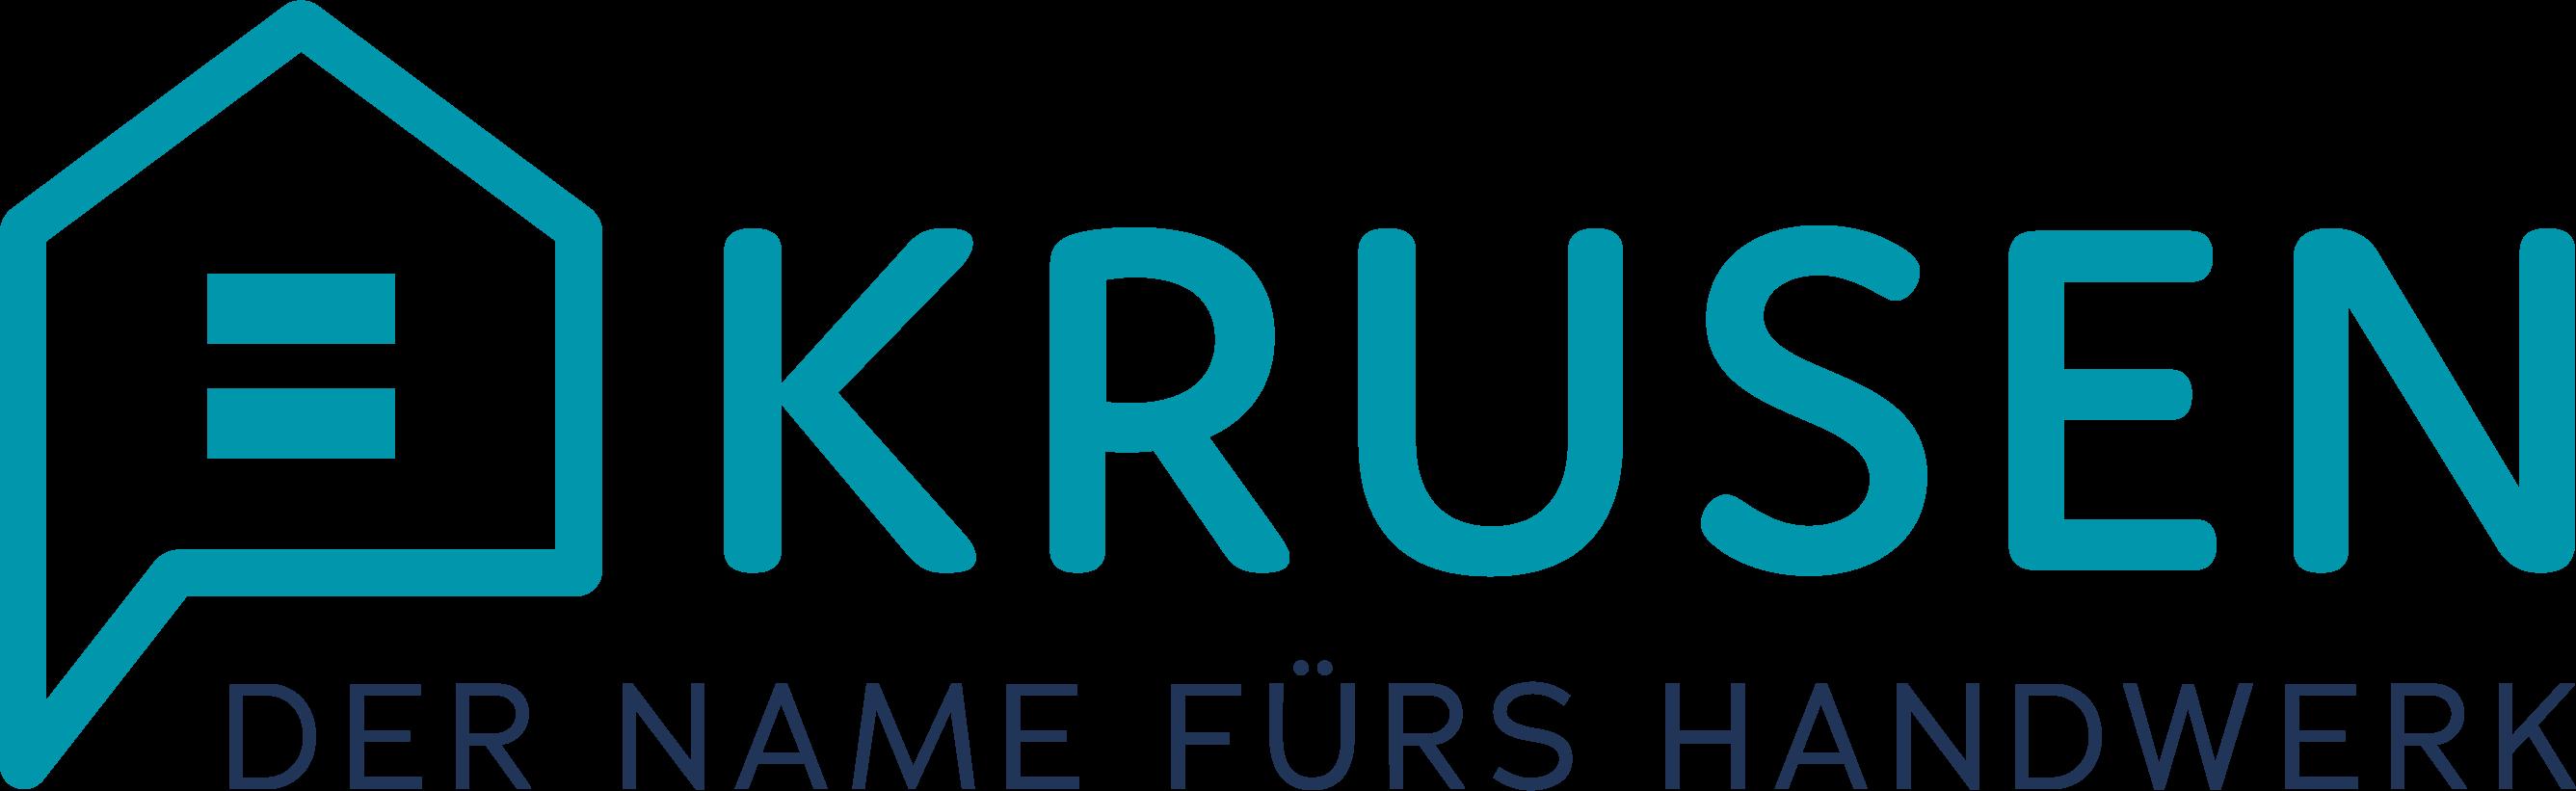 KRUSEN - DER NAME FÜRS HANDWERK